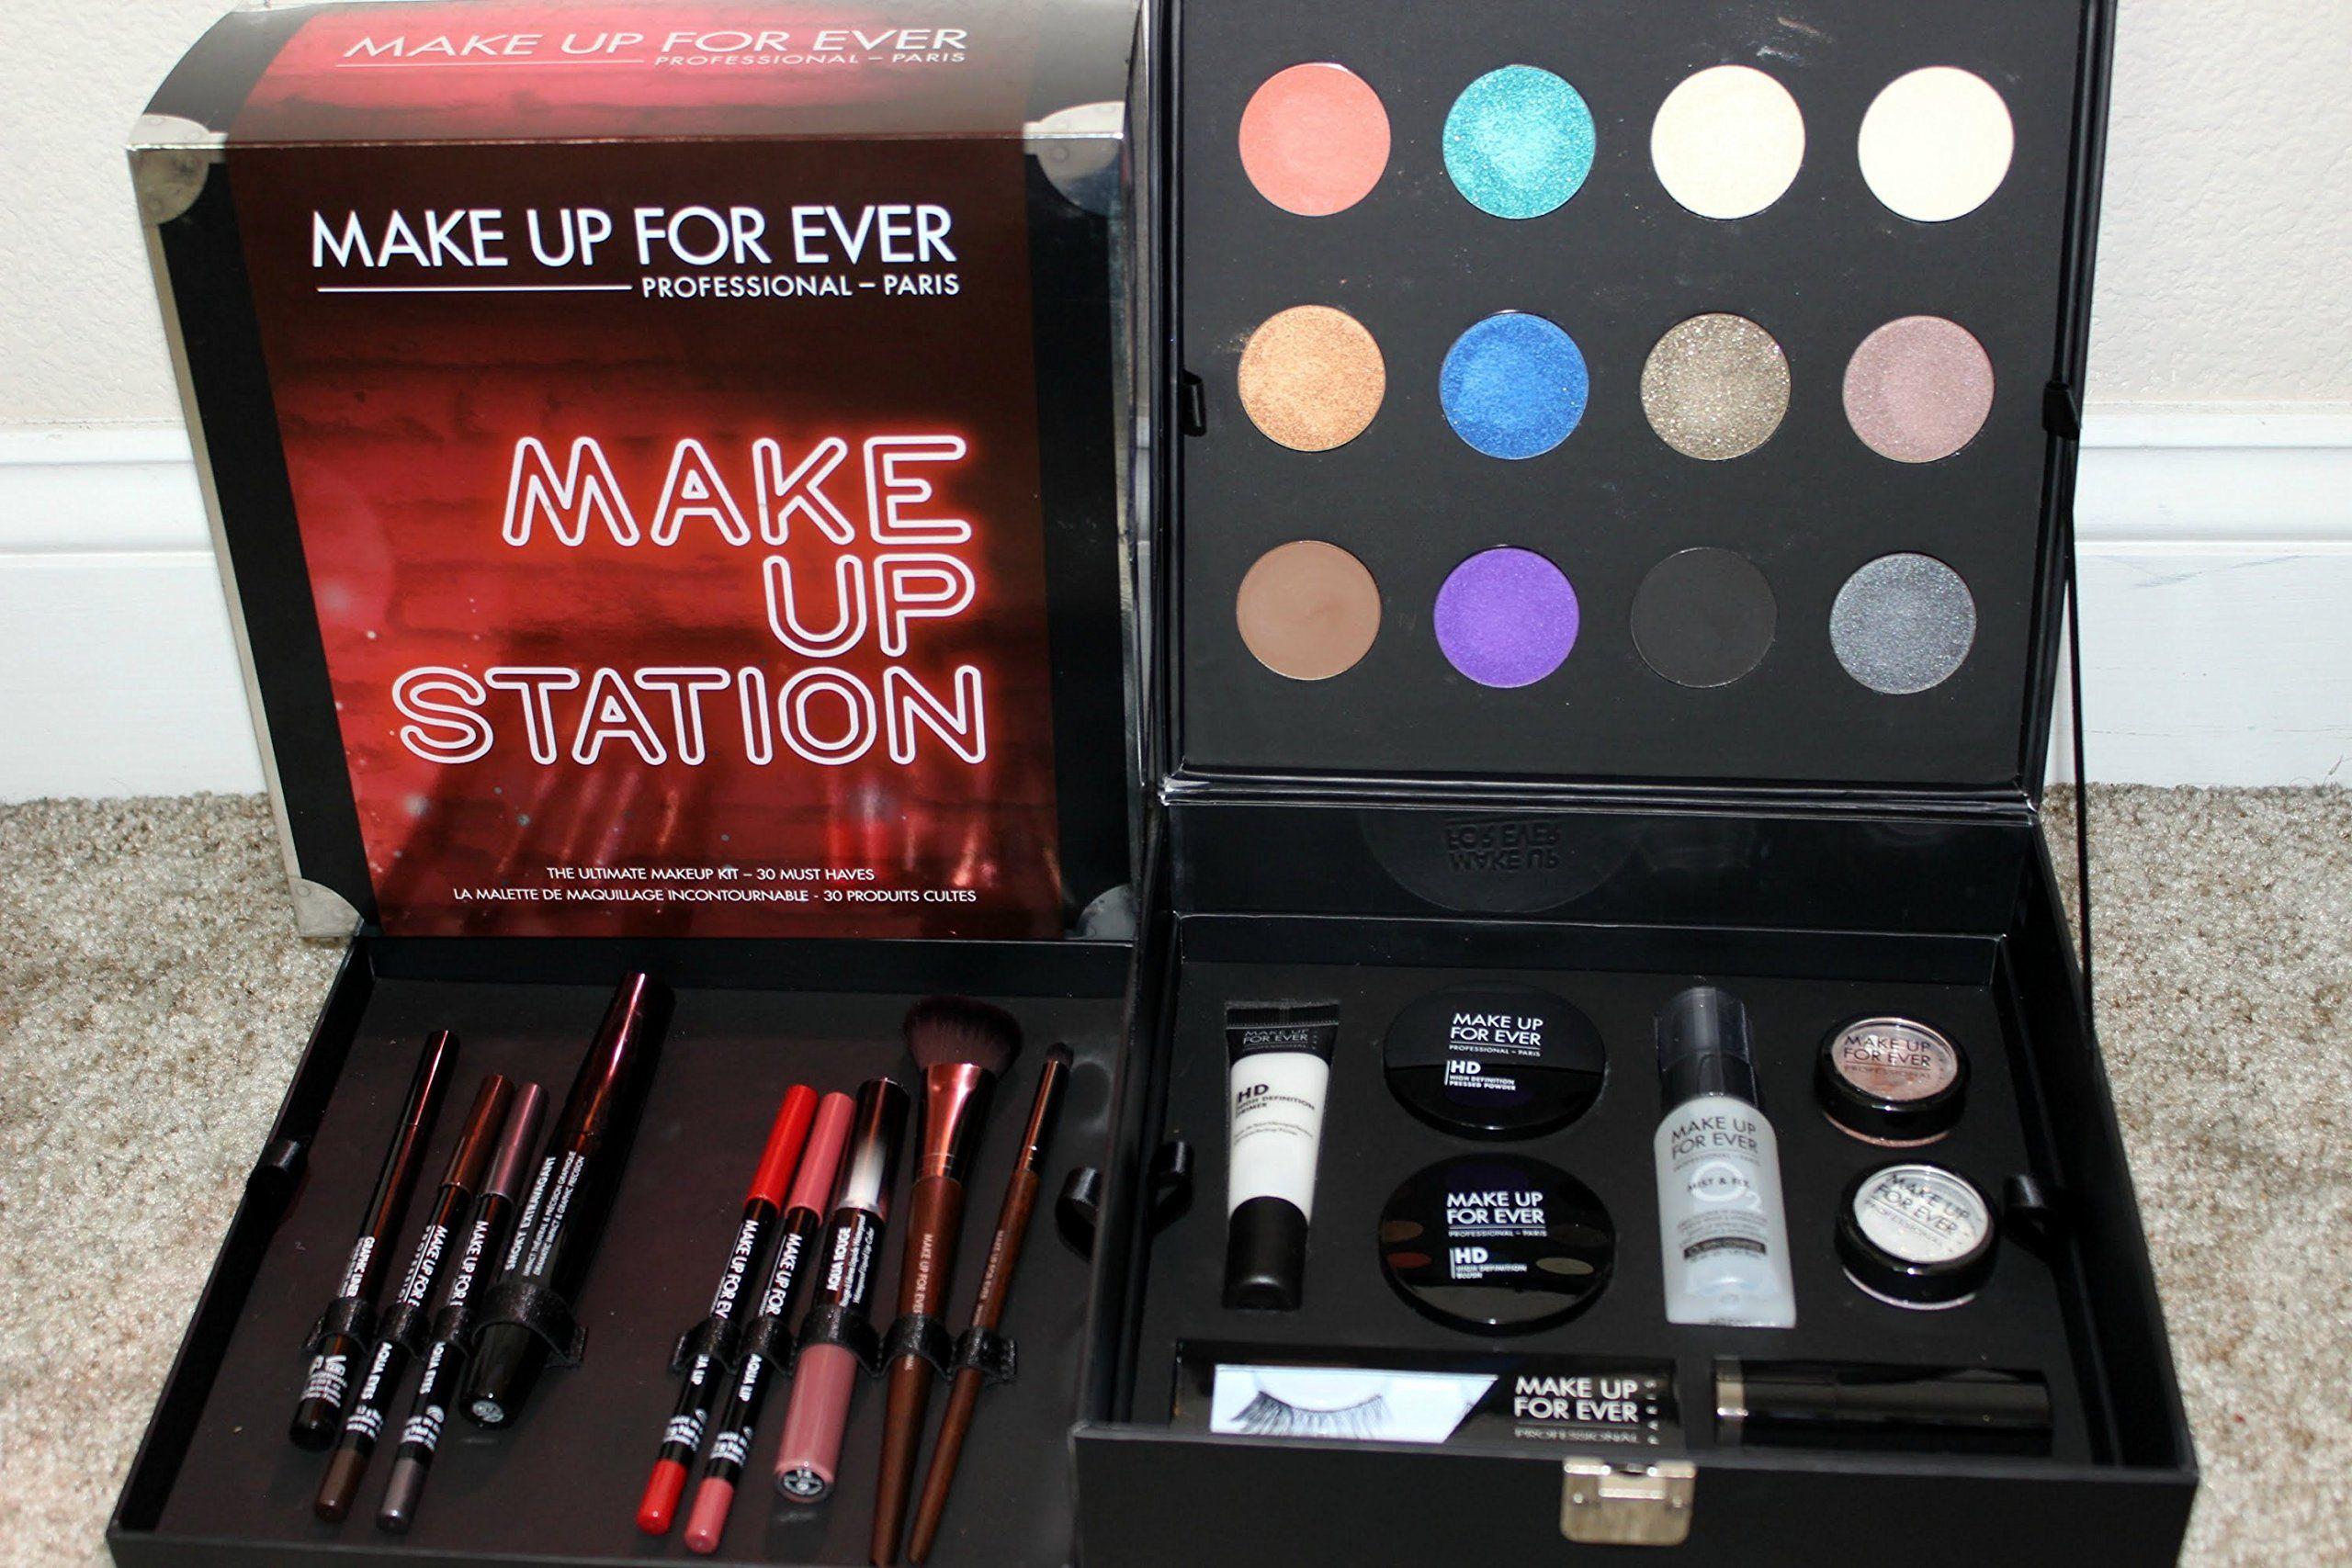 Make Up For Ever Professional Paris Make Up Station